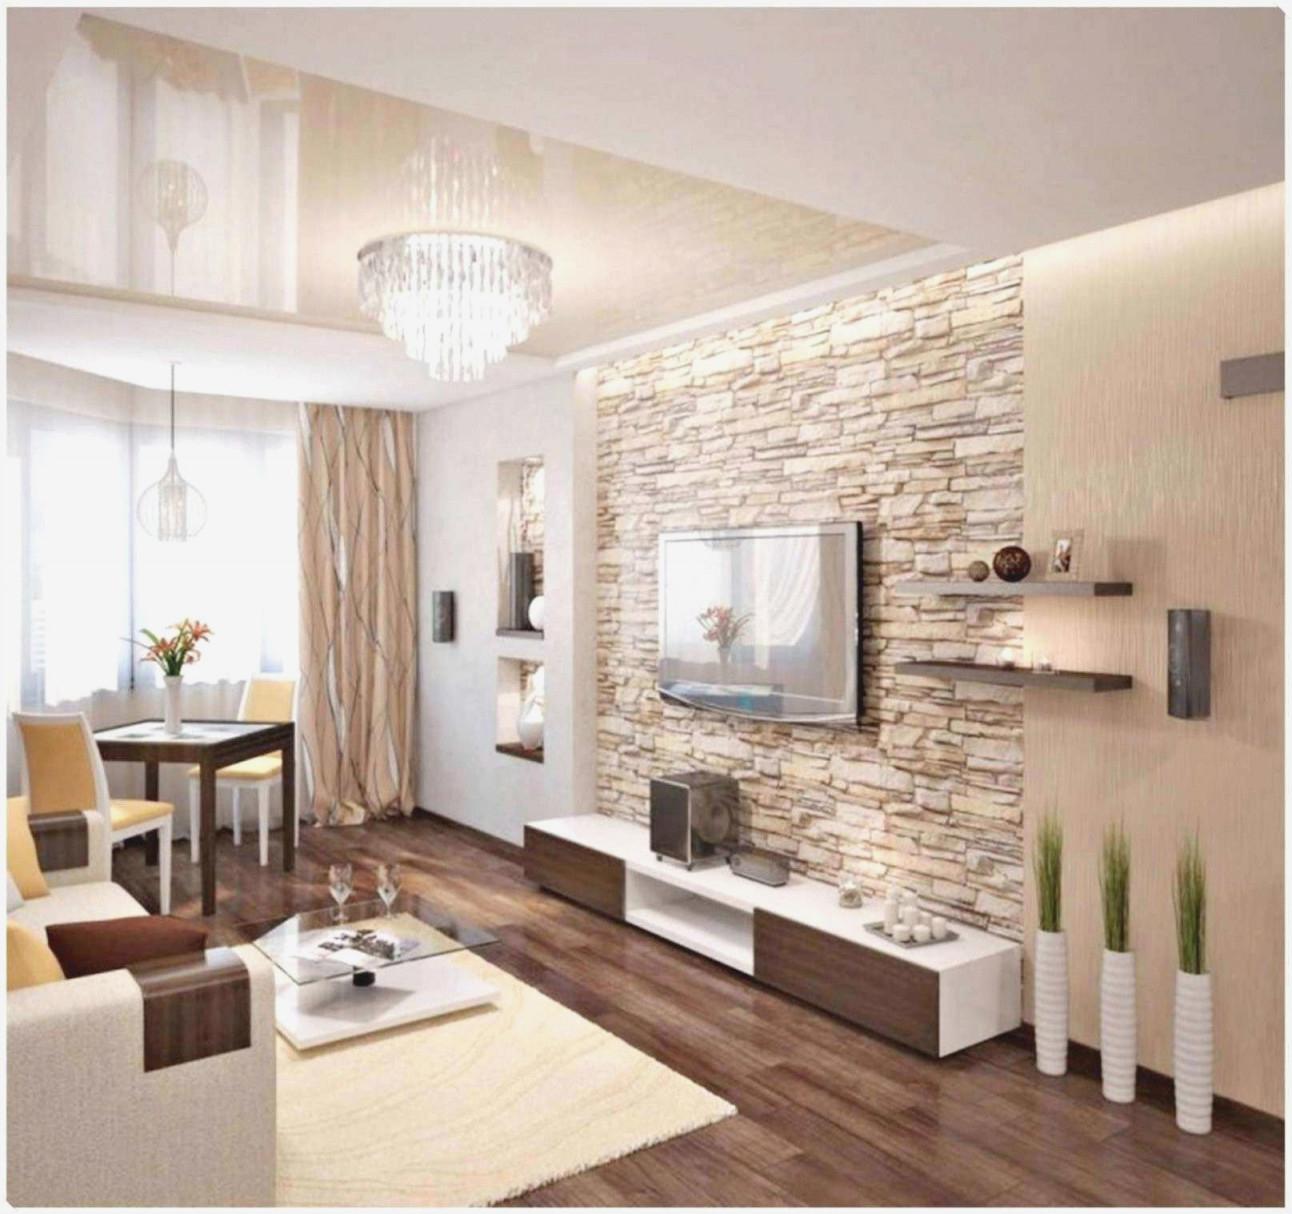 Wohnzimmer 15 Qm Einrichten  Wohnzimmer  Traumhaus von 15 Qm Wohnzimmer Einrichten Photo